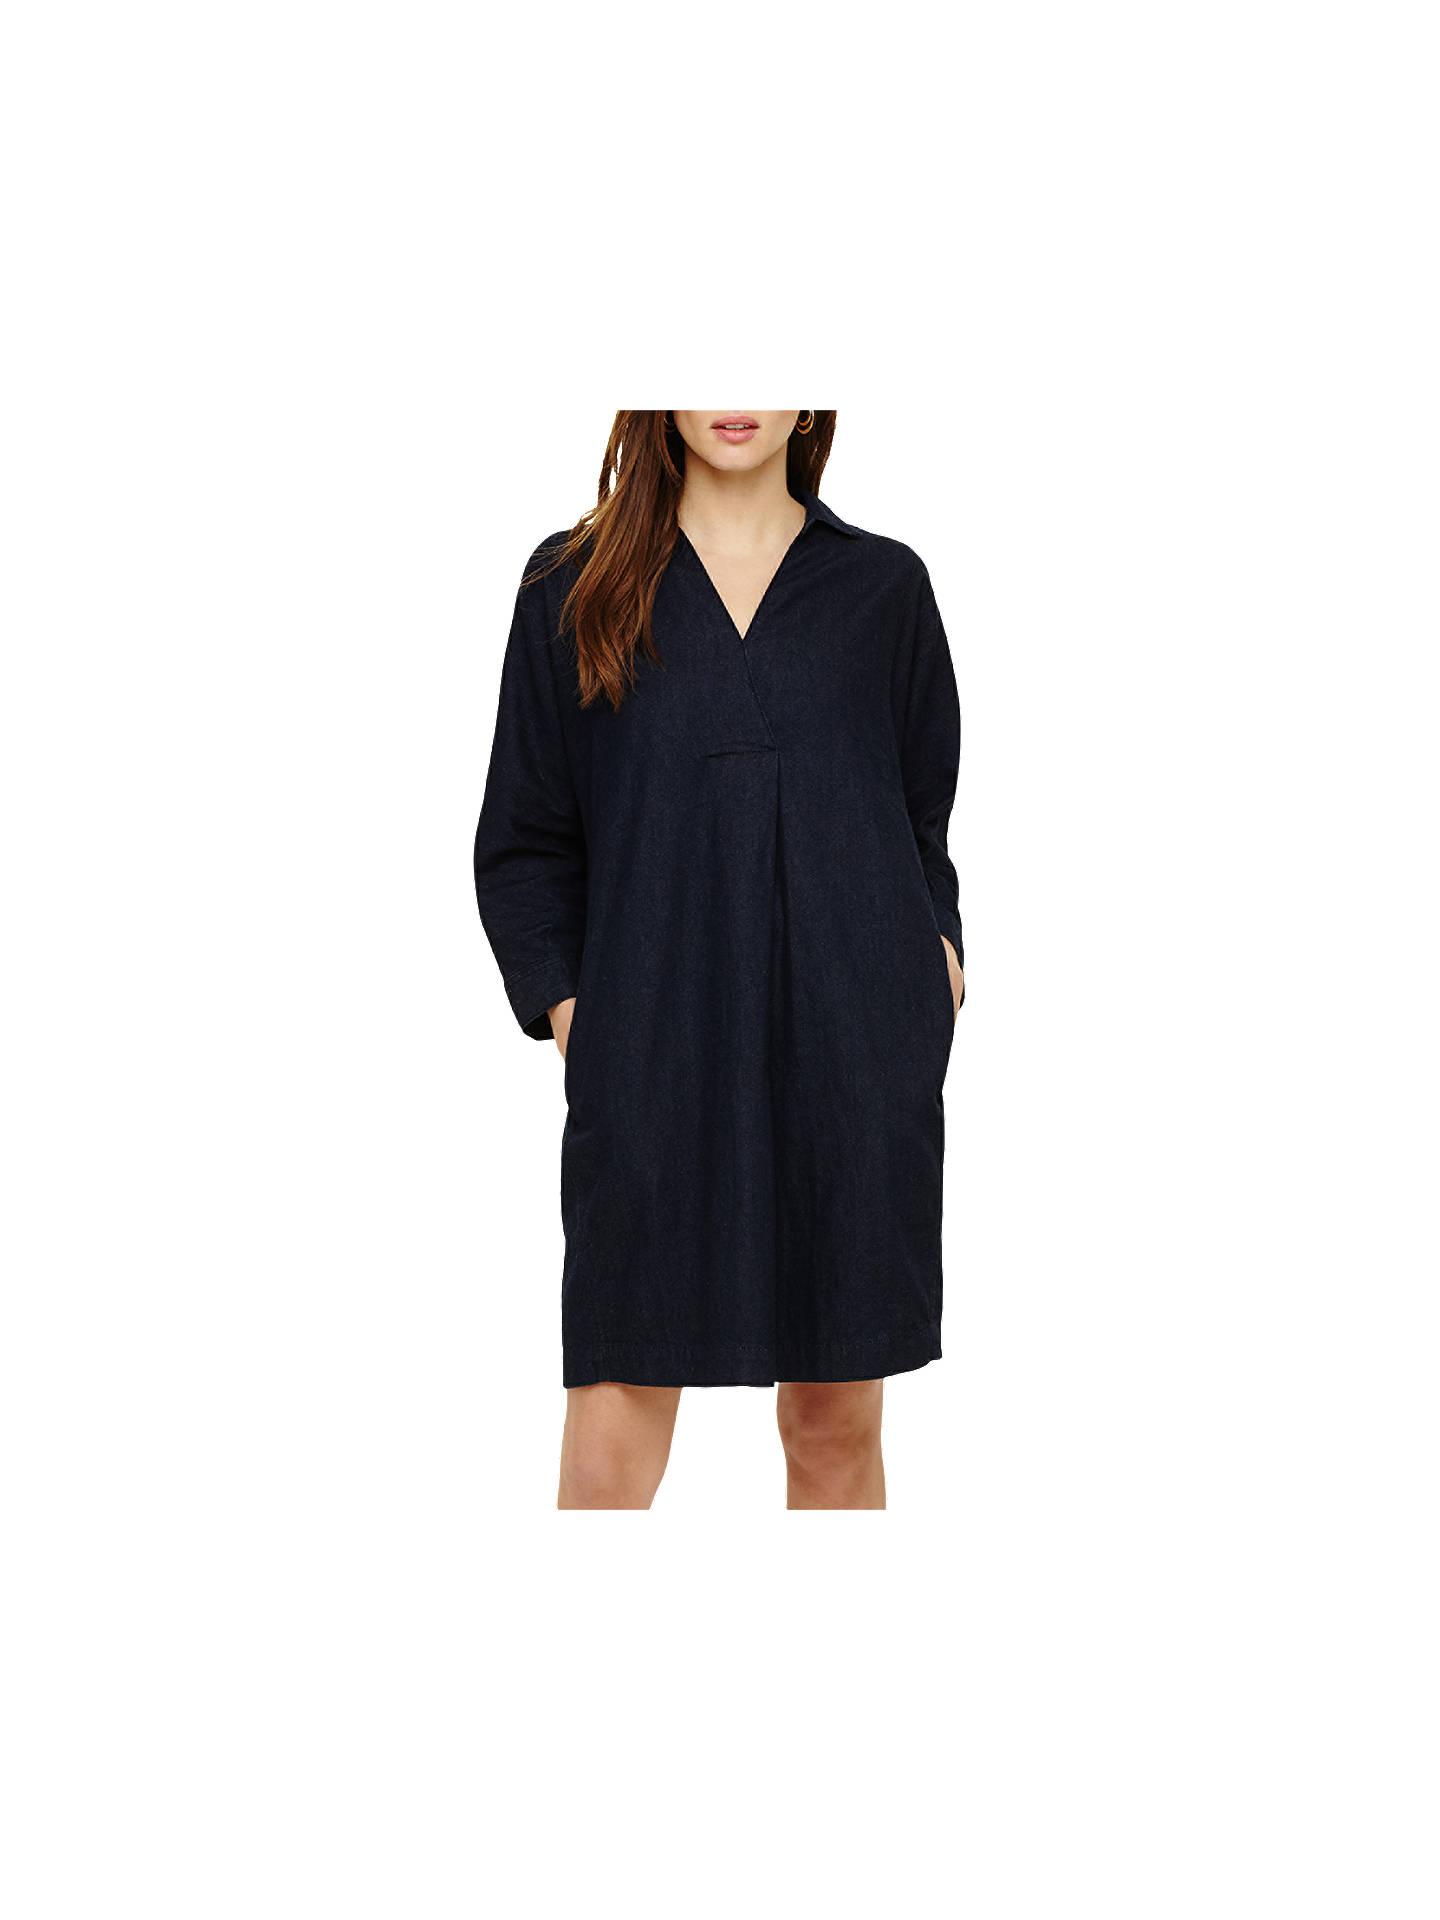 b6930c8ab53 Buy Phase Eight Kathy Denim Shirt Dress